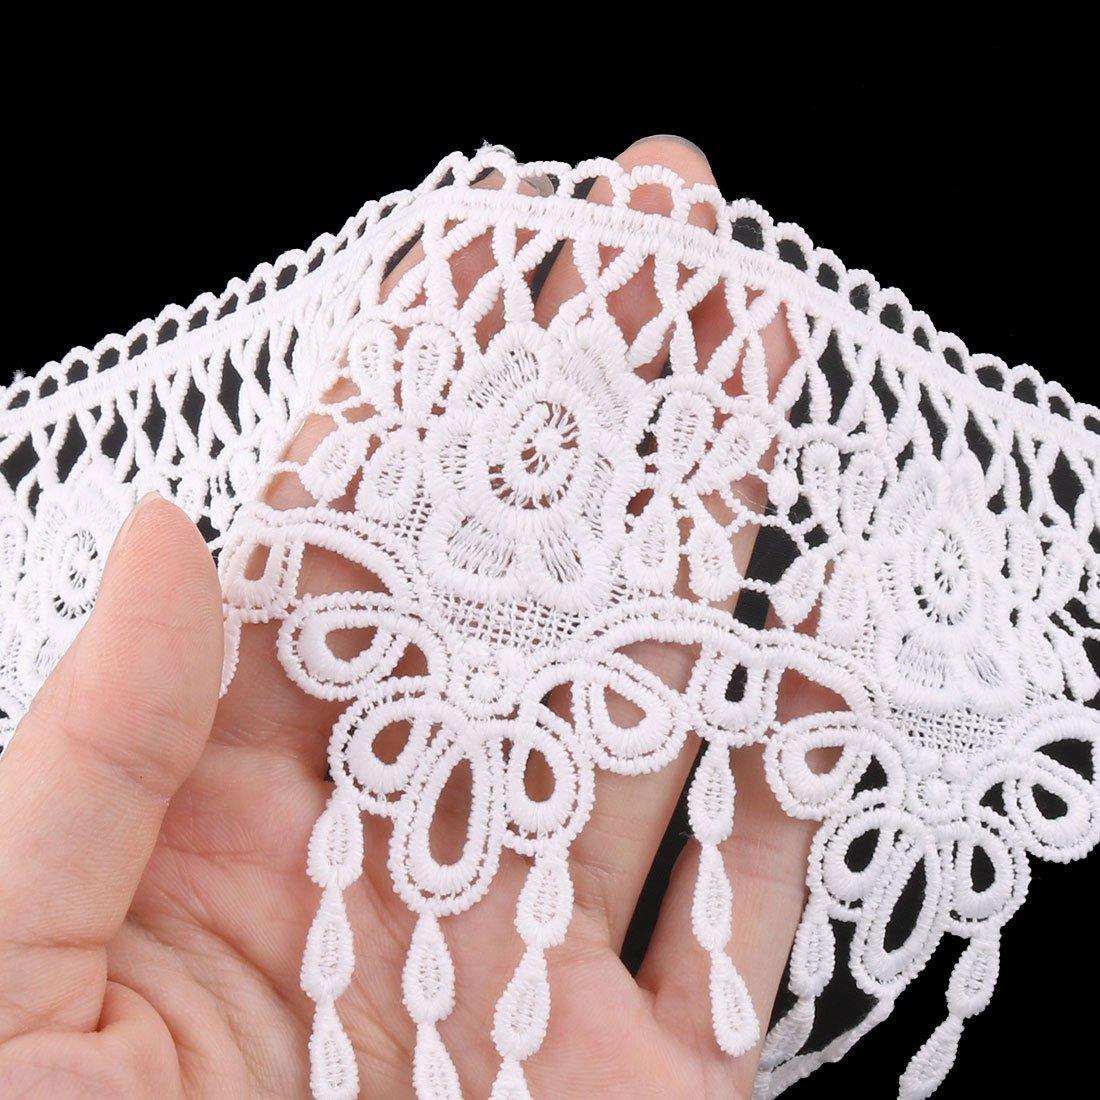 Amazon.com: eDealMax poliéster hecha a Mano de Coser ropa de la Falda del arte de la decoración del ajuste del cordón DE 11 cm Ancho Blanca